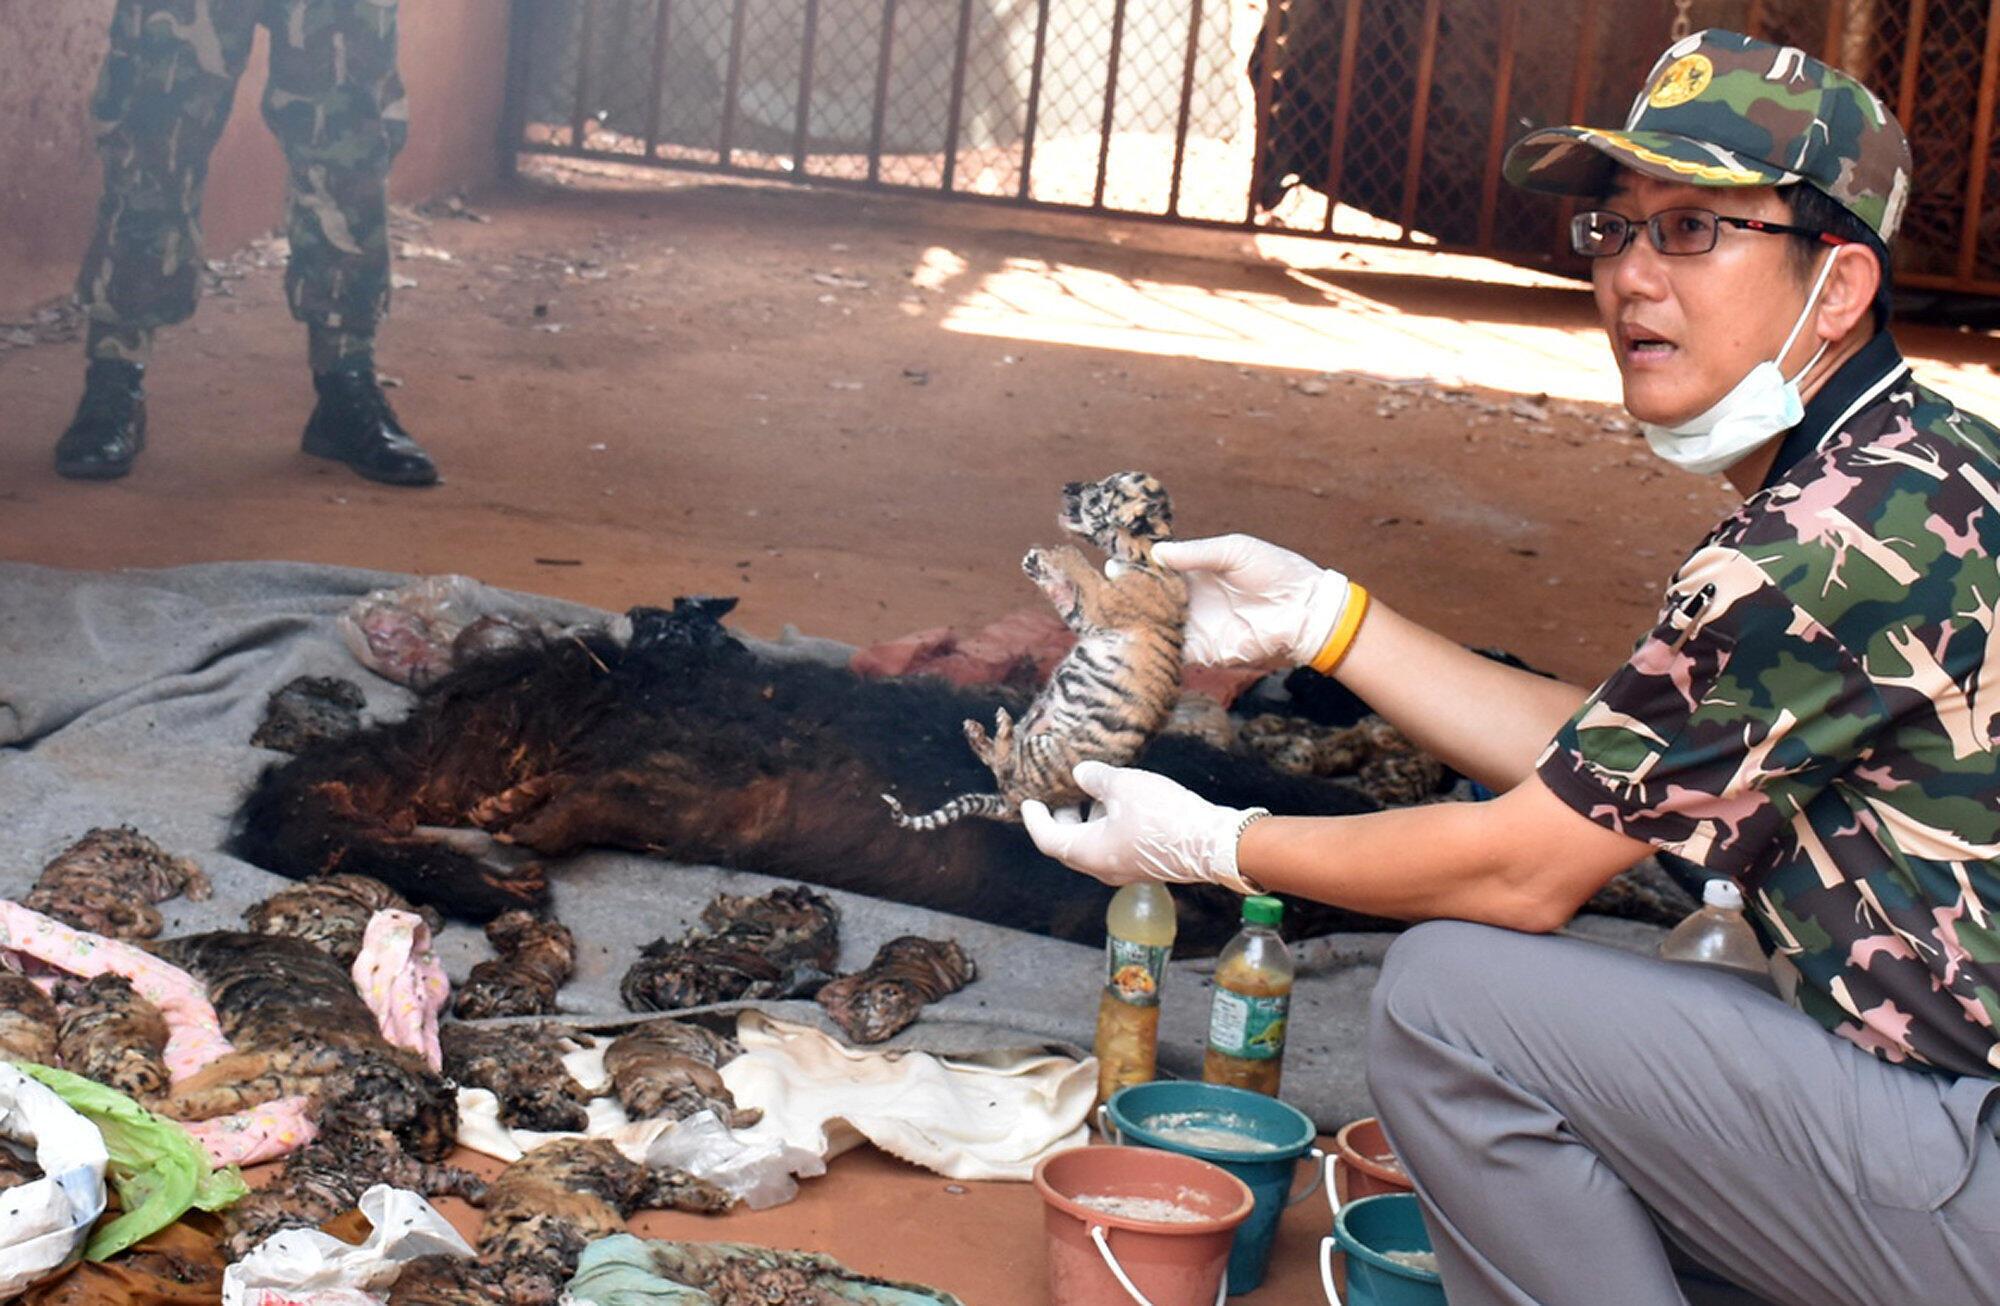 Des dizaines de bébés tigres congelés ont été découverts lors d'une perquisition au temple aux tigres, attraction touristique de Thaïlande qui vient d'être fermée.